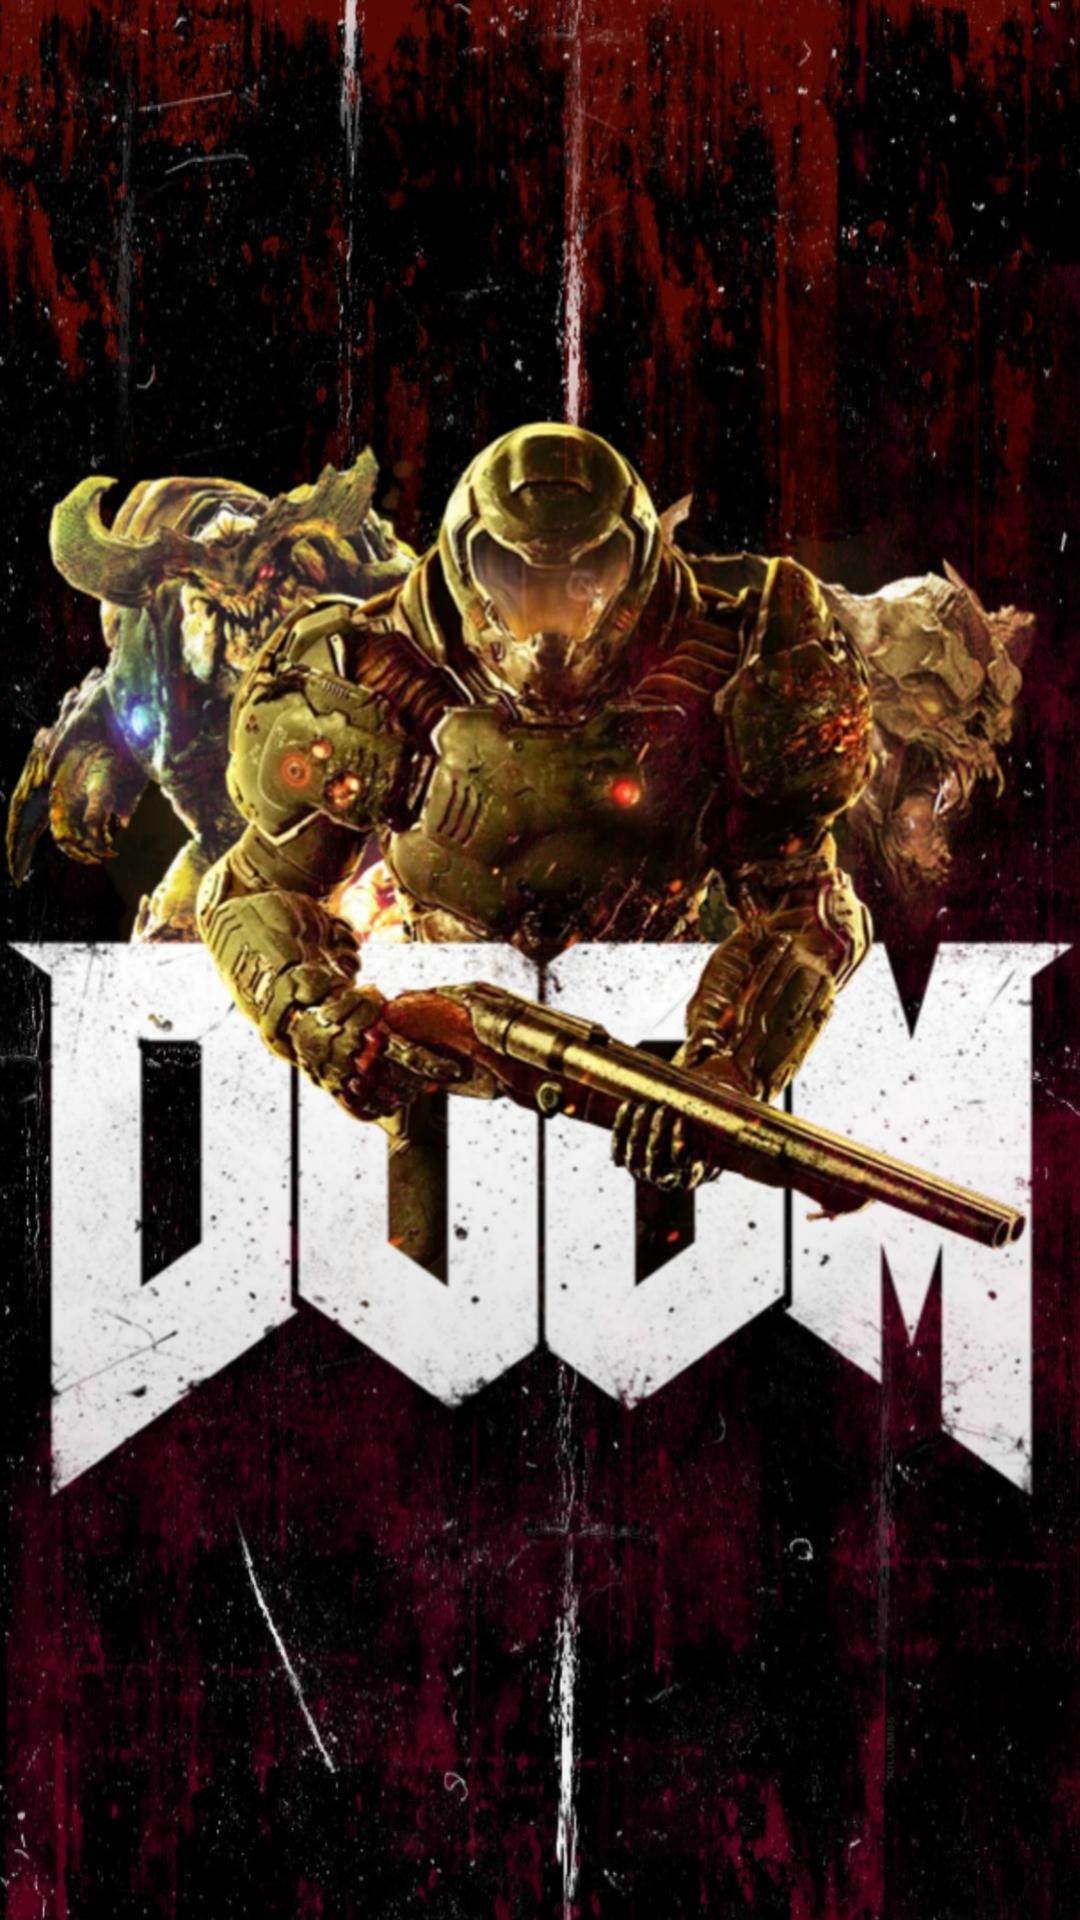 doom eternal wallpaper in 1080p to mobile